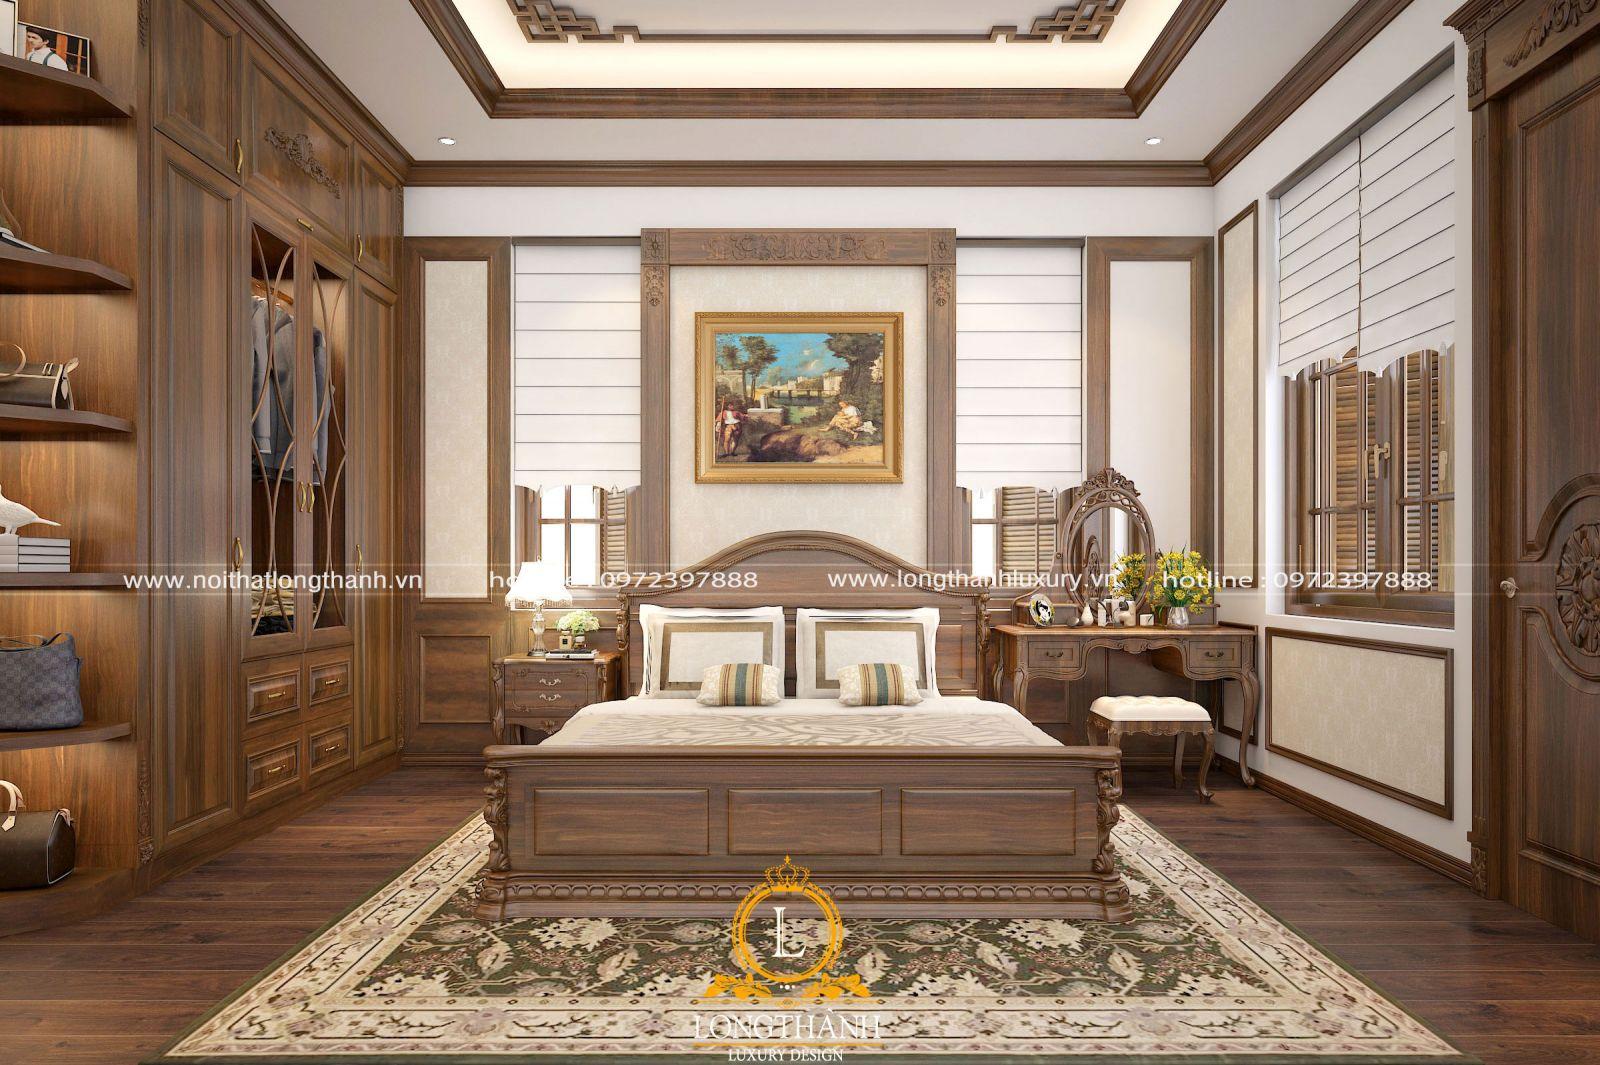 Phòng ngủ đơn giản, nhẹ nhàng với phong cách hiện đại